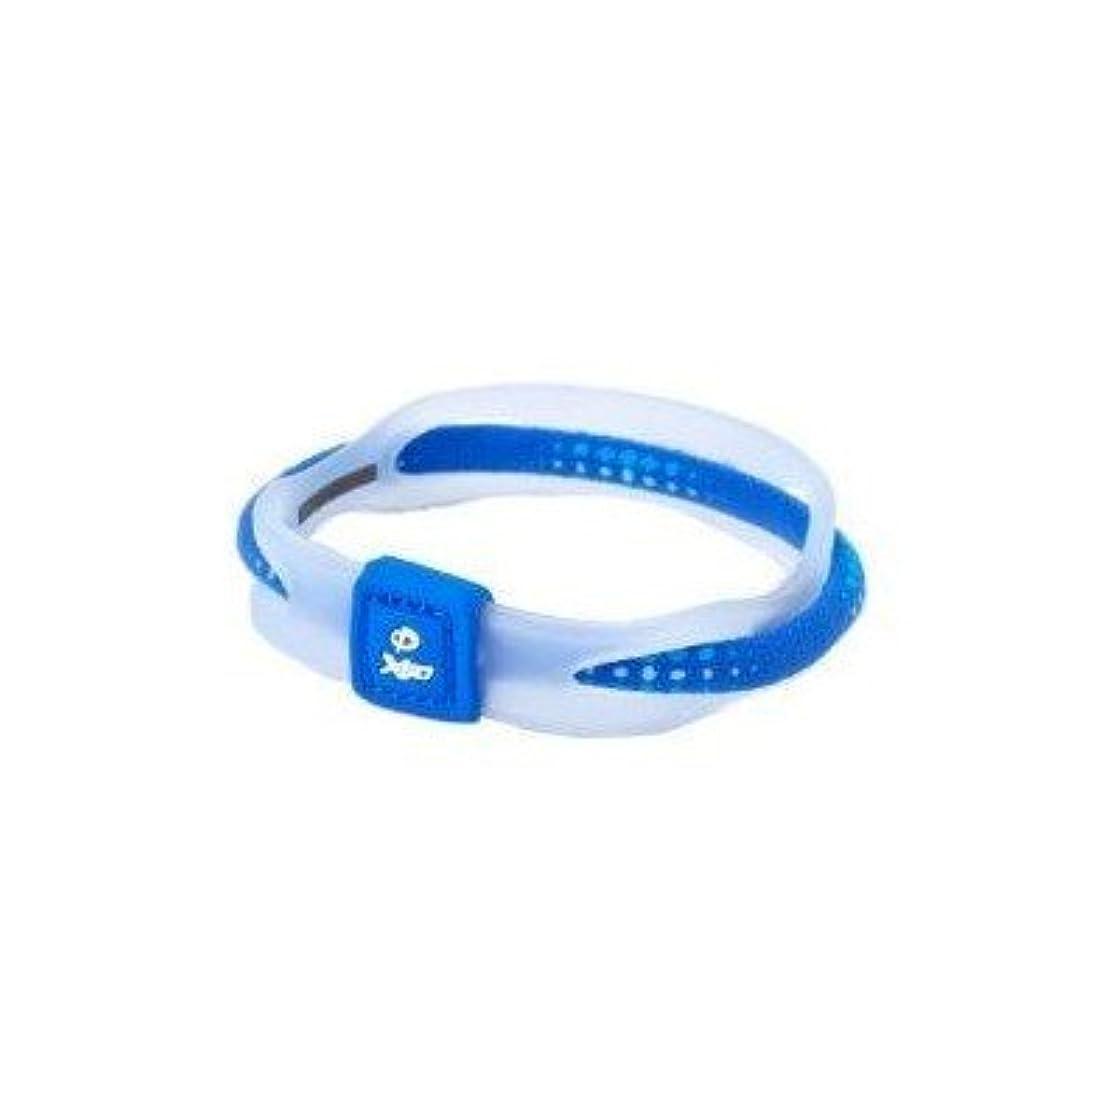 ロッドジーンズ束Phiten(ファイテン) RAKUWA ブレス X50 ブルー 17CM TG497225[通販用梱包品]